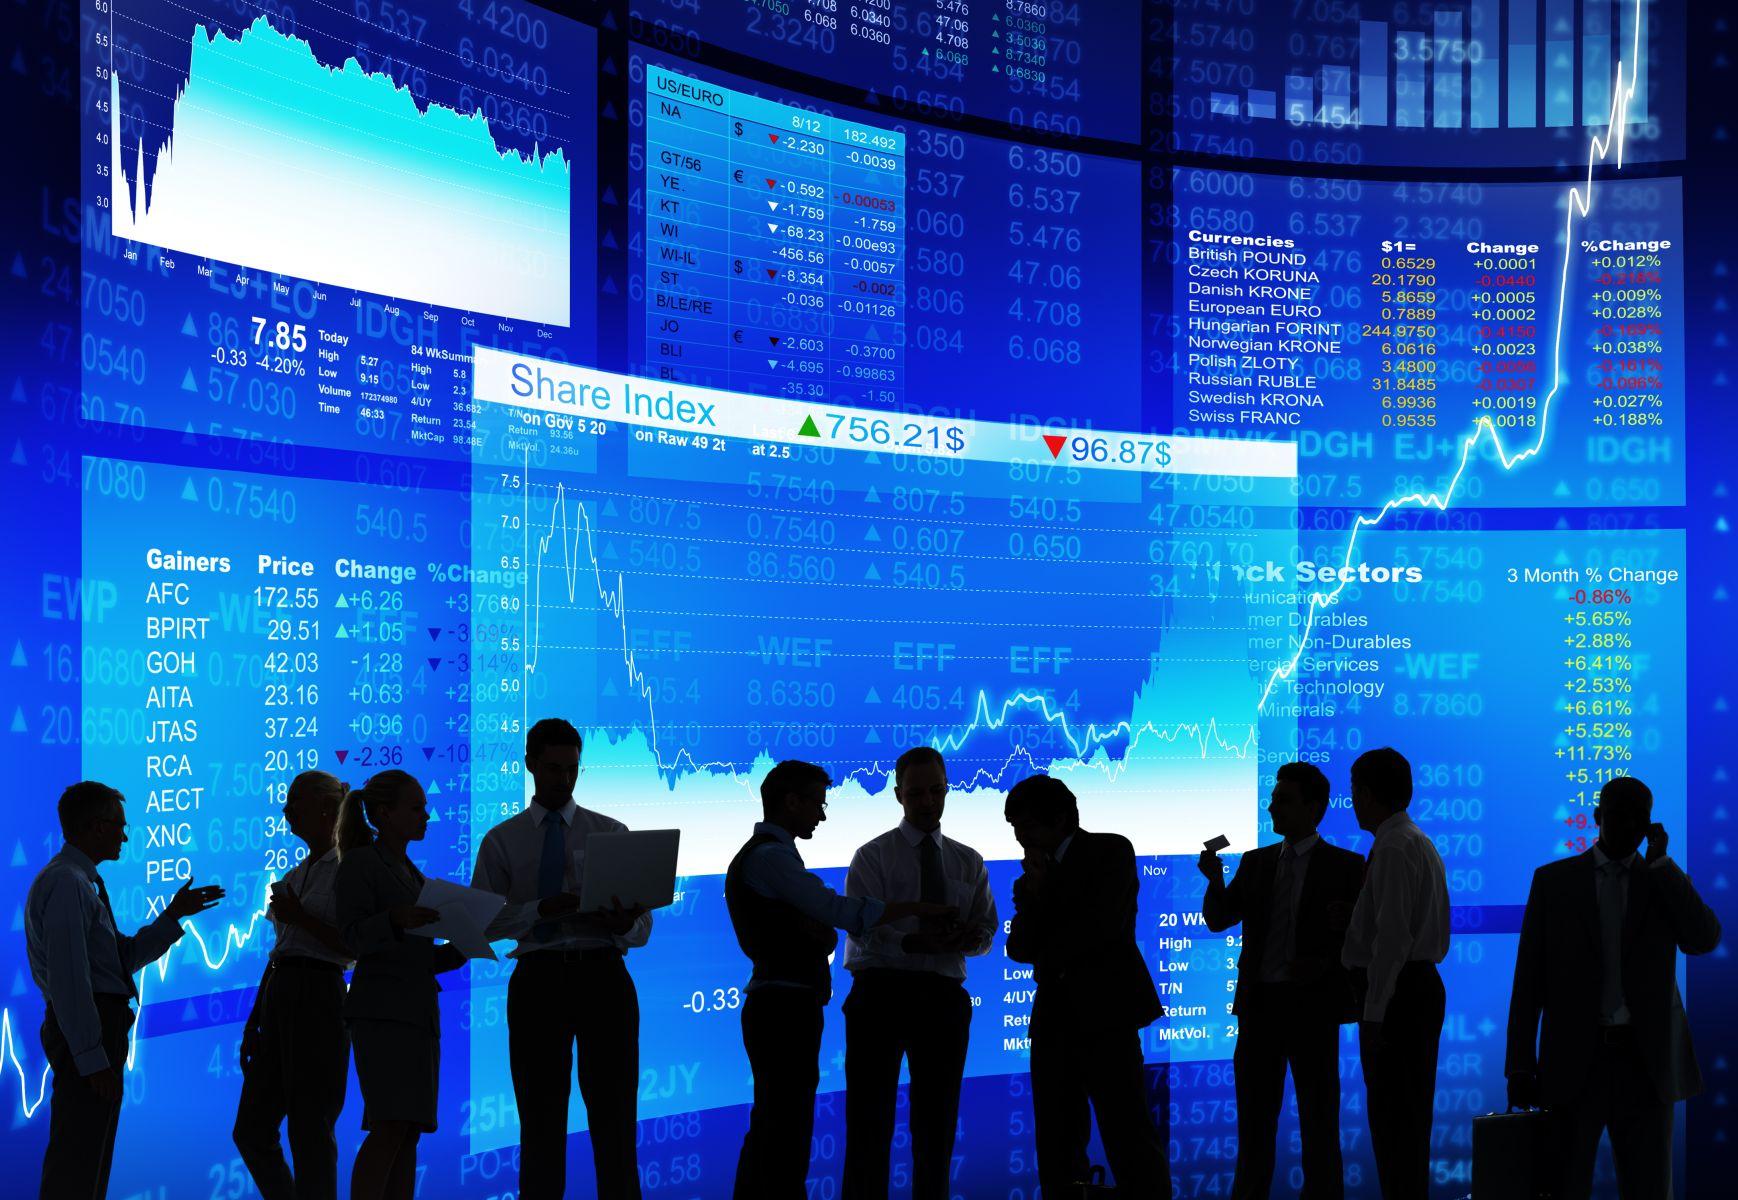 貿易戰又要進入高潮 等待股市跌深再大買